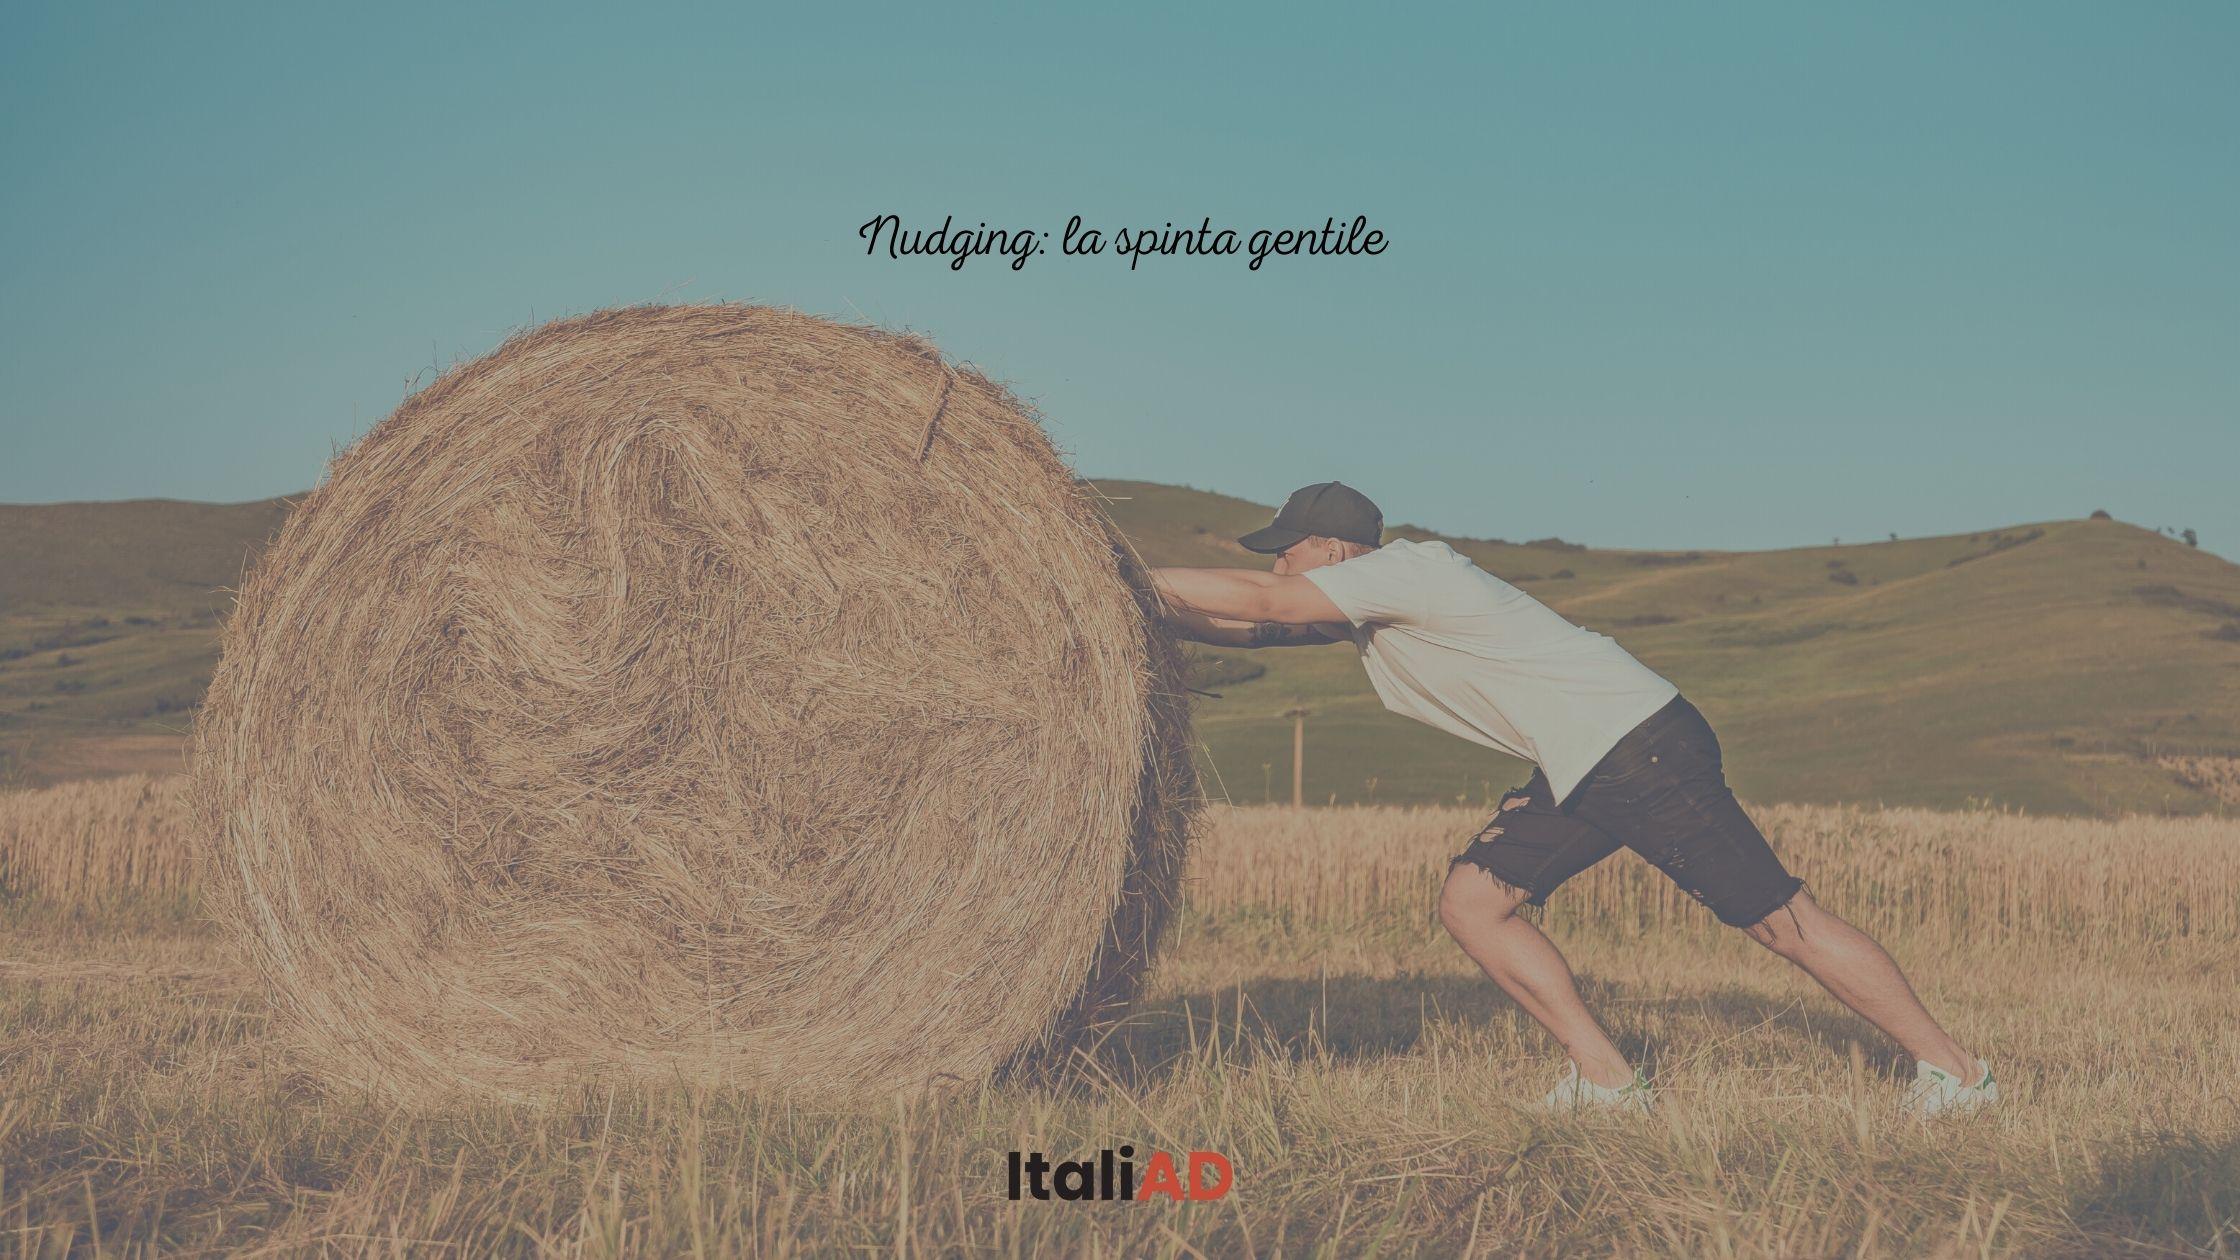 Nudging: la spinta gentile